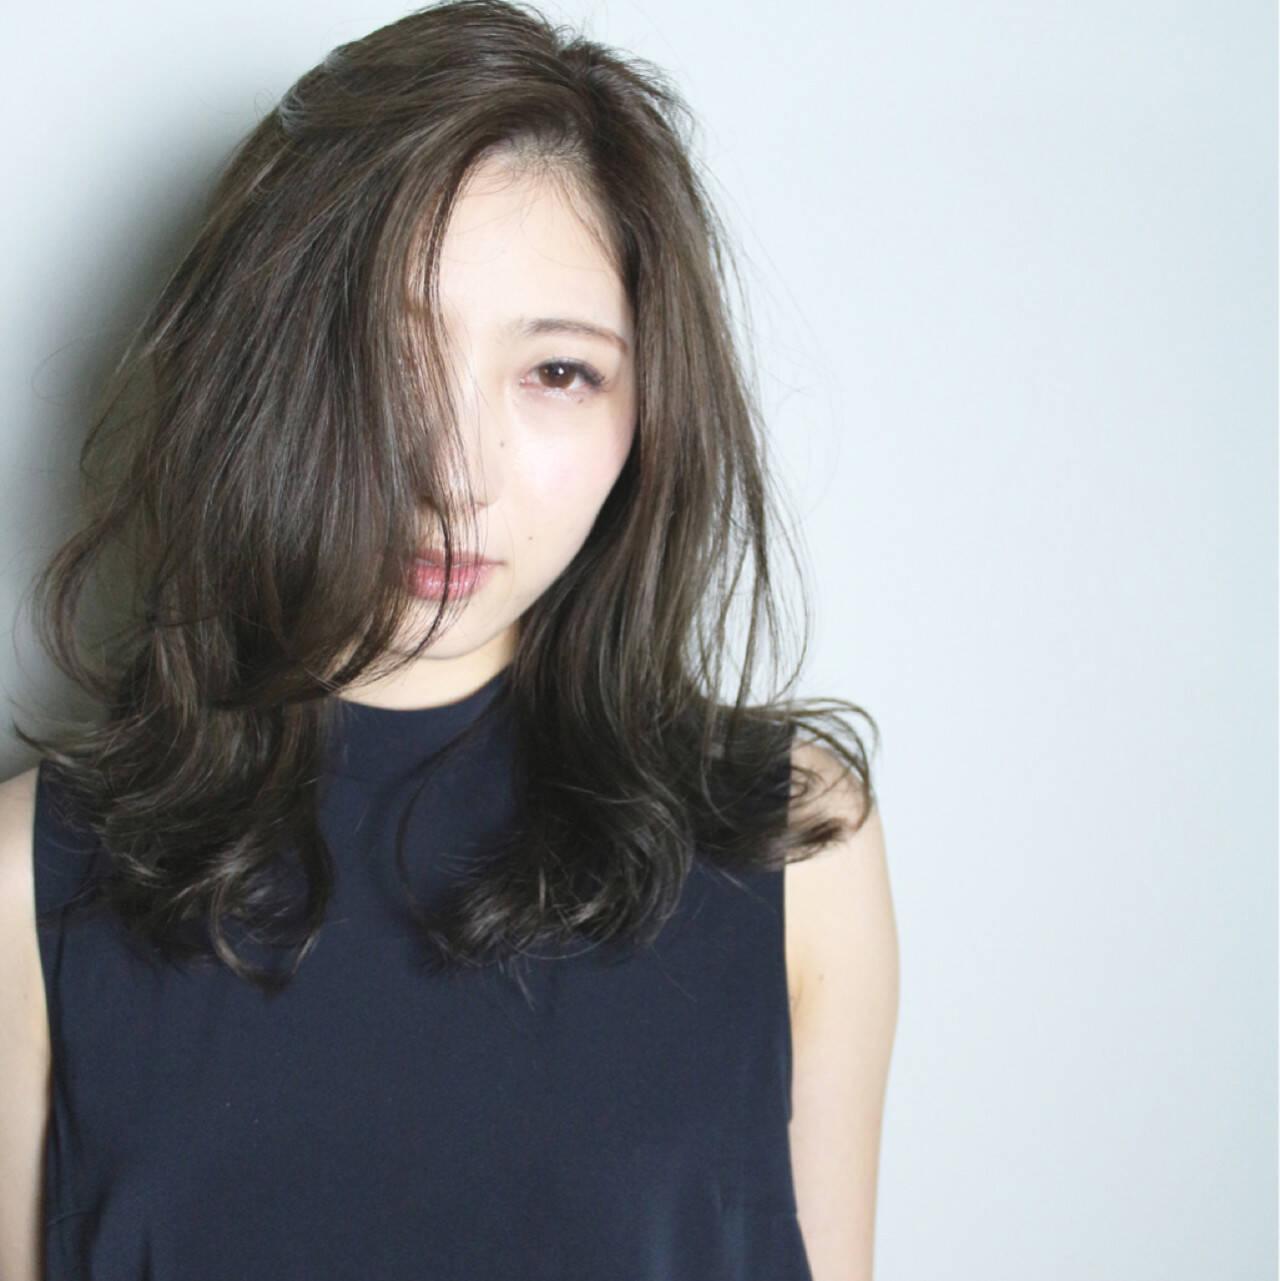 グラデーションカラー ナチュラル 外国人風 アッシュヘアスタイルや髪型の写真・画像